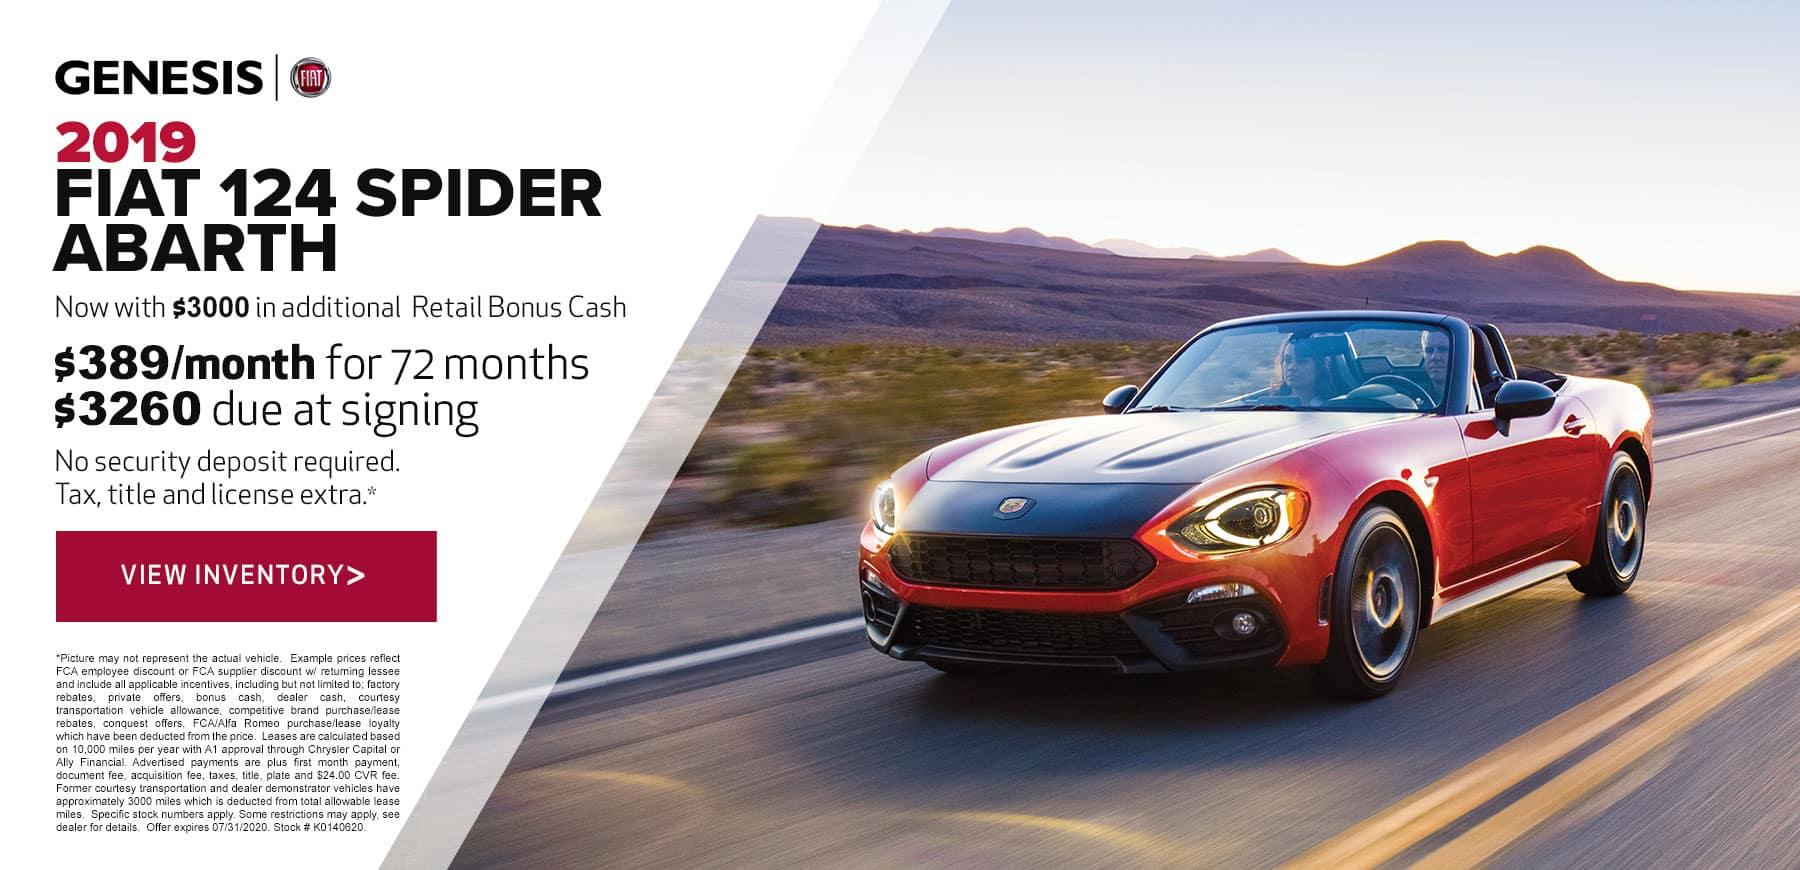 Genesis FIAT July 2020 124 Spider Retail Offer